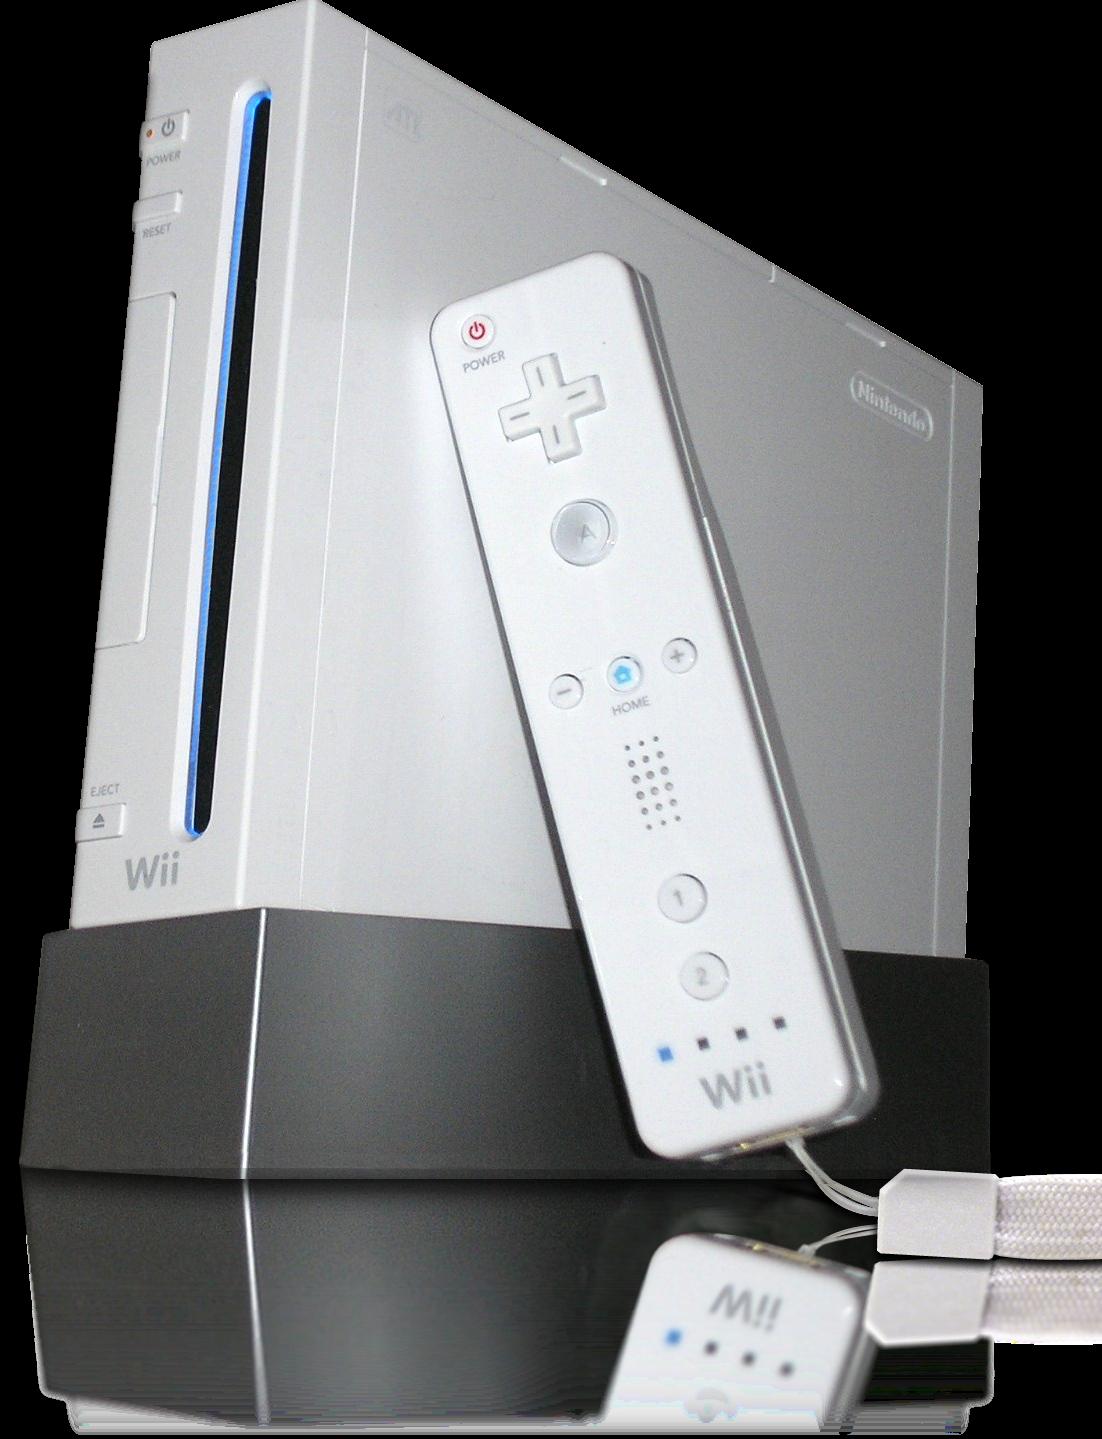 Imagen de la consola de Nintendo: Wii (2006)